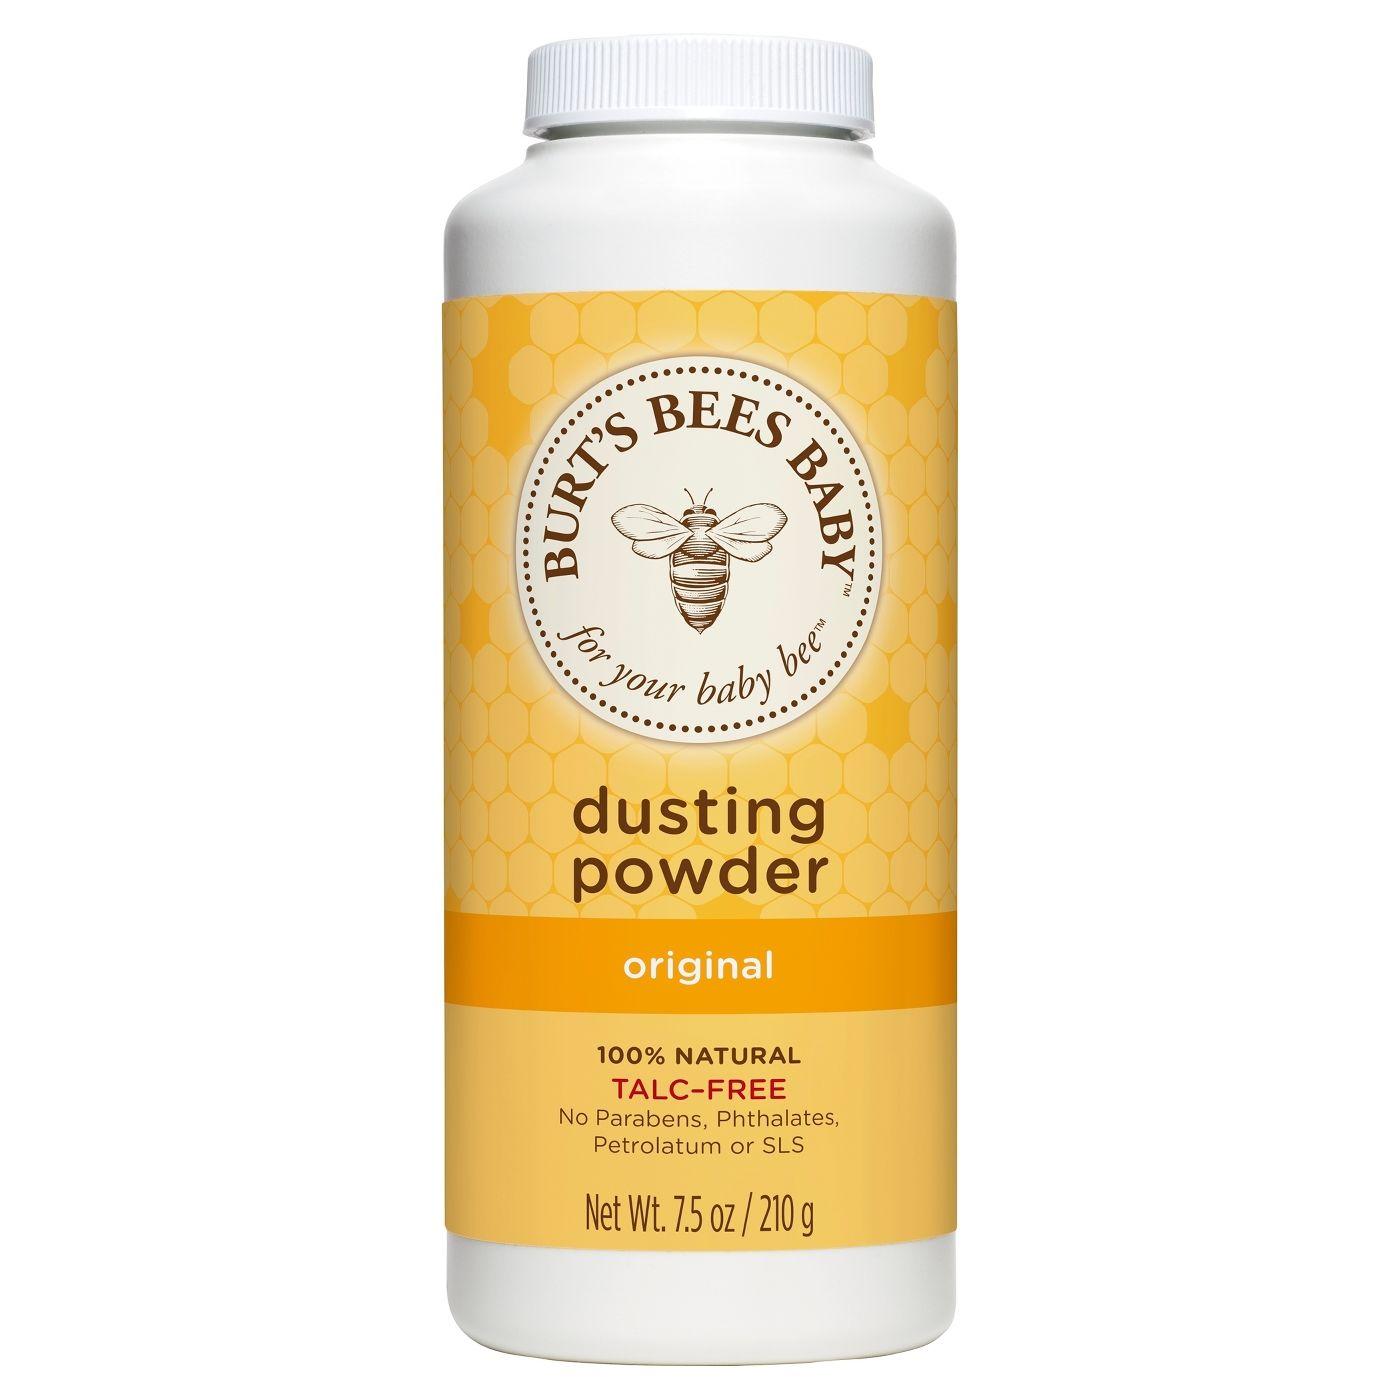 Burt's Bees Baby Dusting Powder 210g